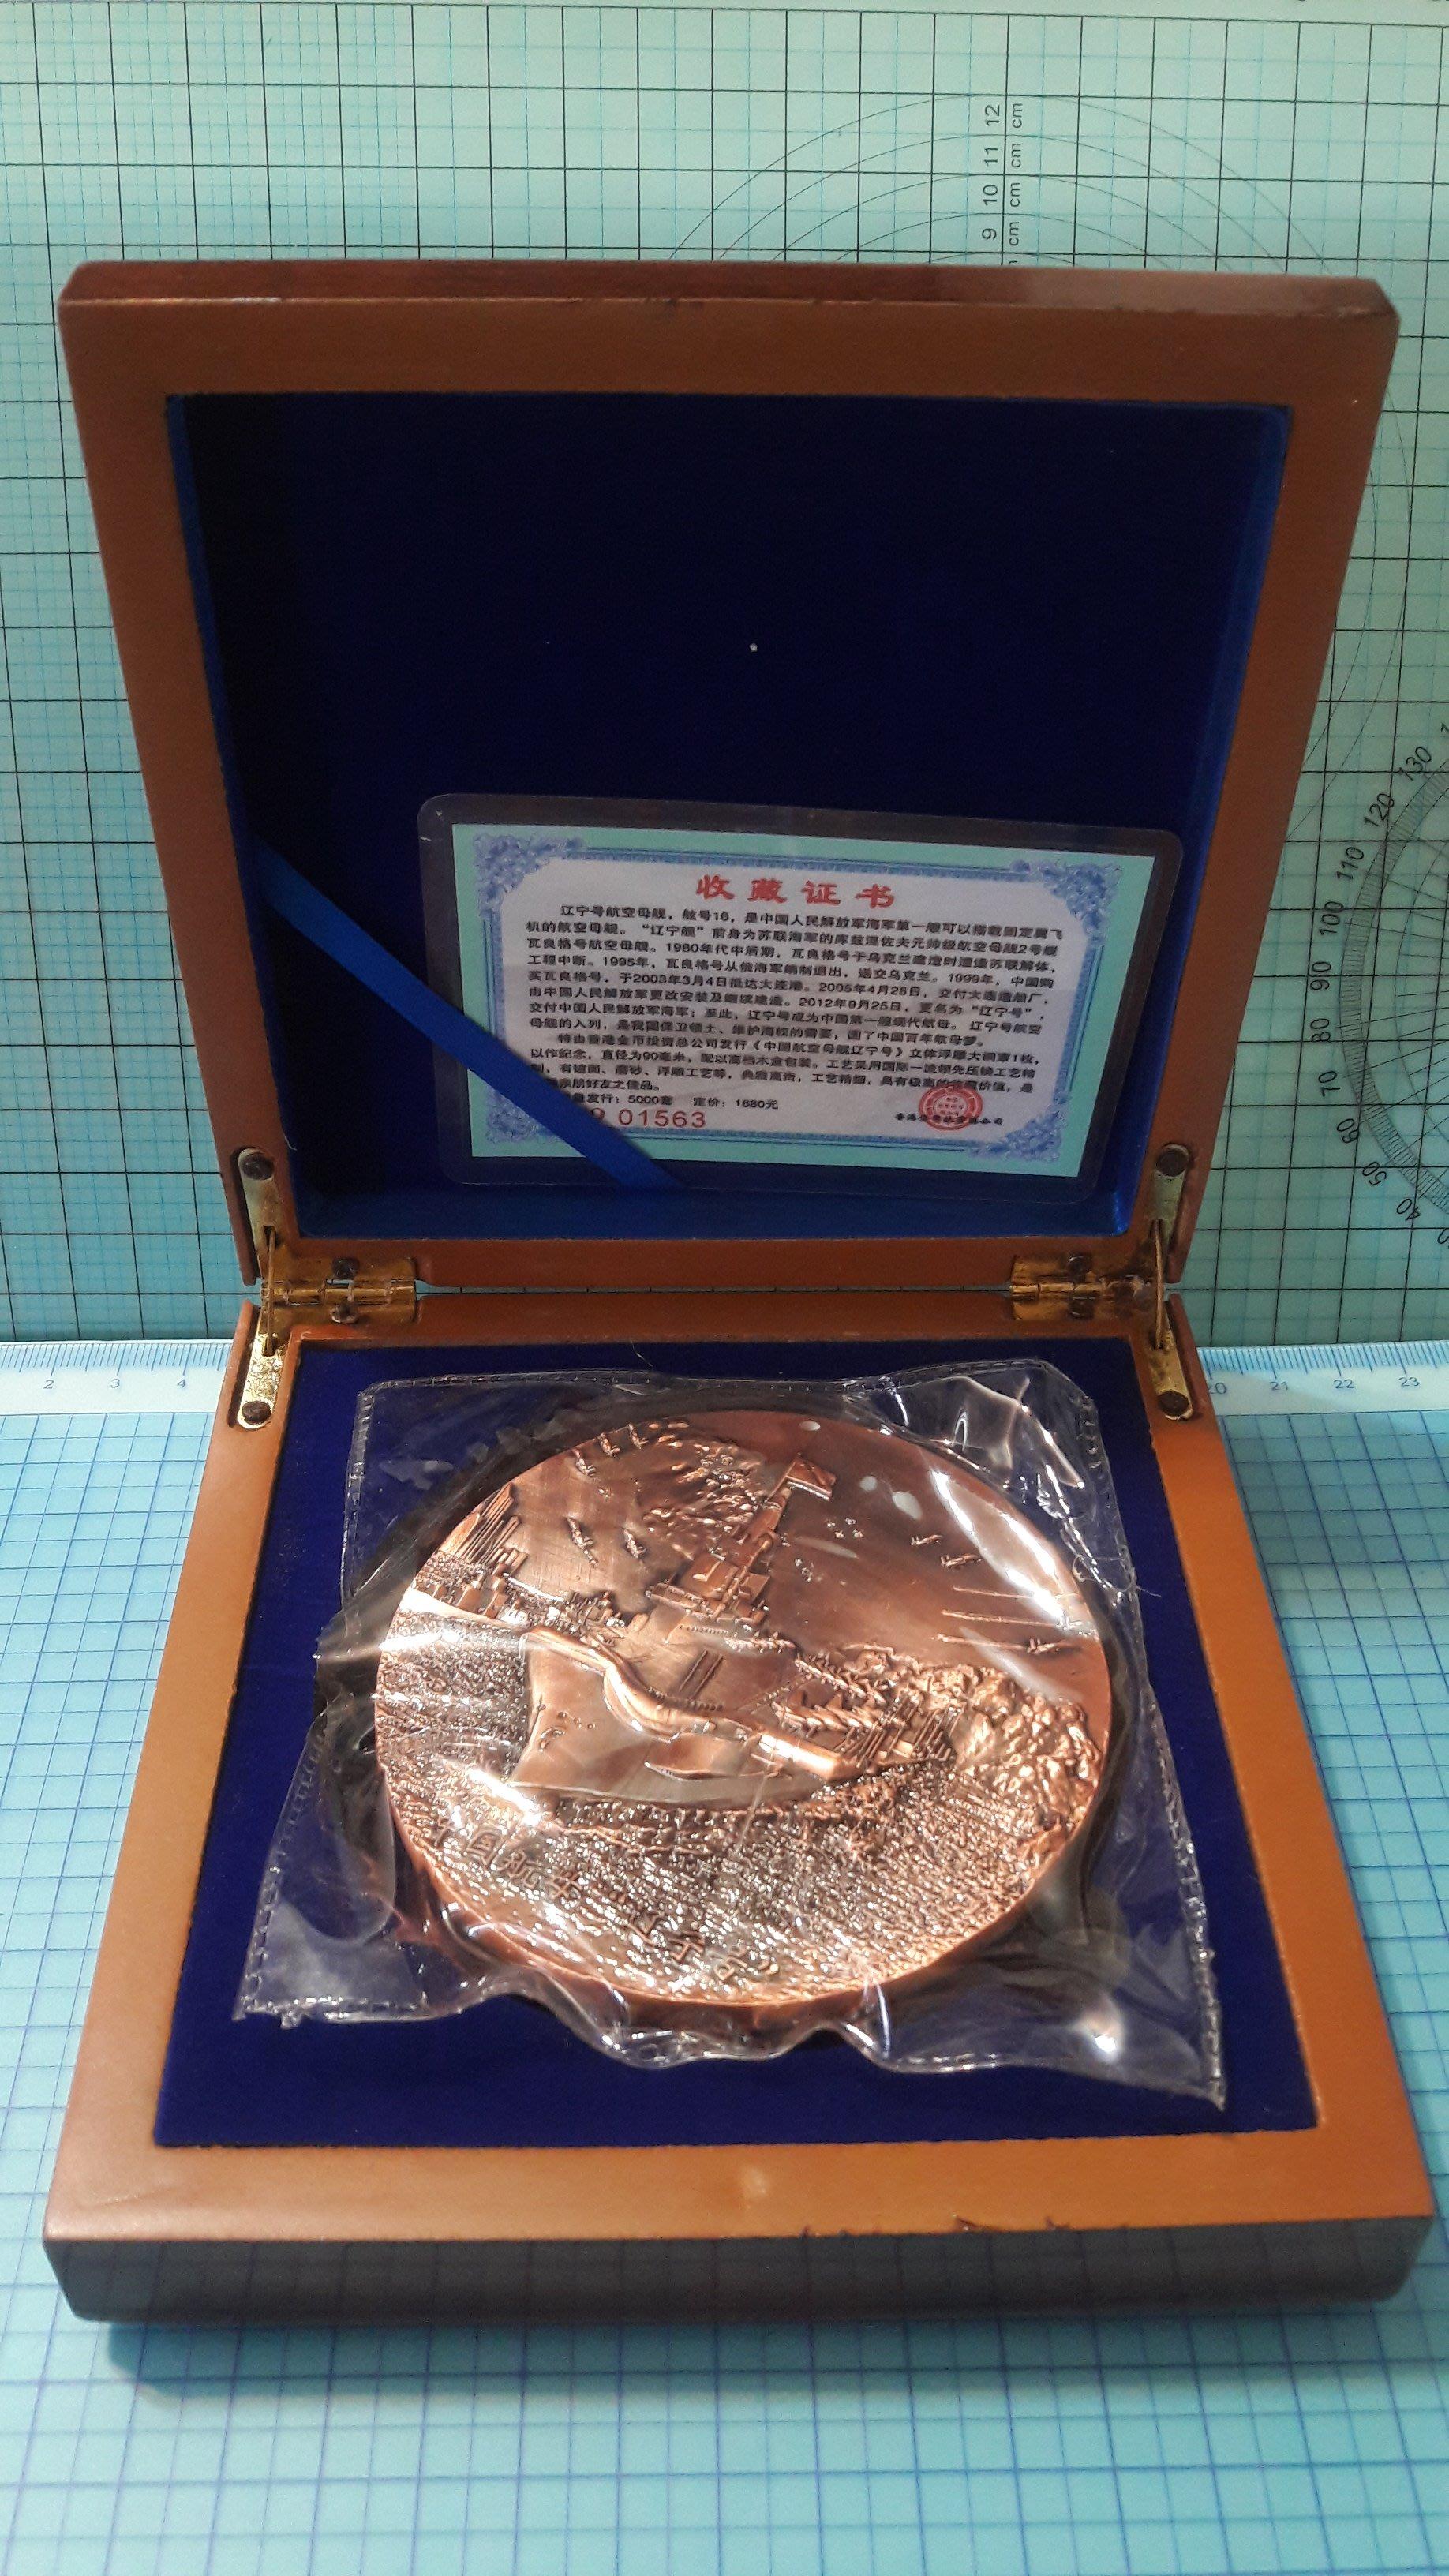 5074中國2013年第一艘航空母艦遼寧號銅章(民間鑄造.盒證齊.附袋.木盒底小黑墊缺一)